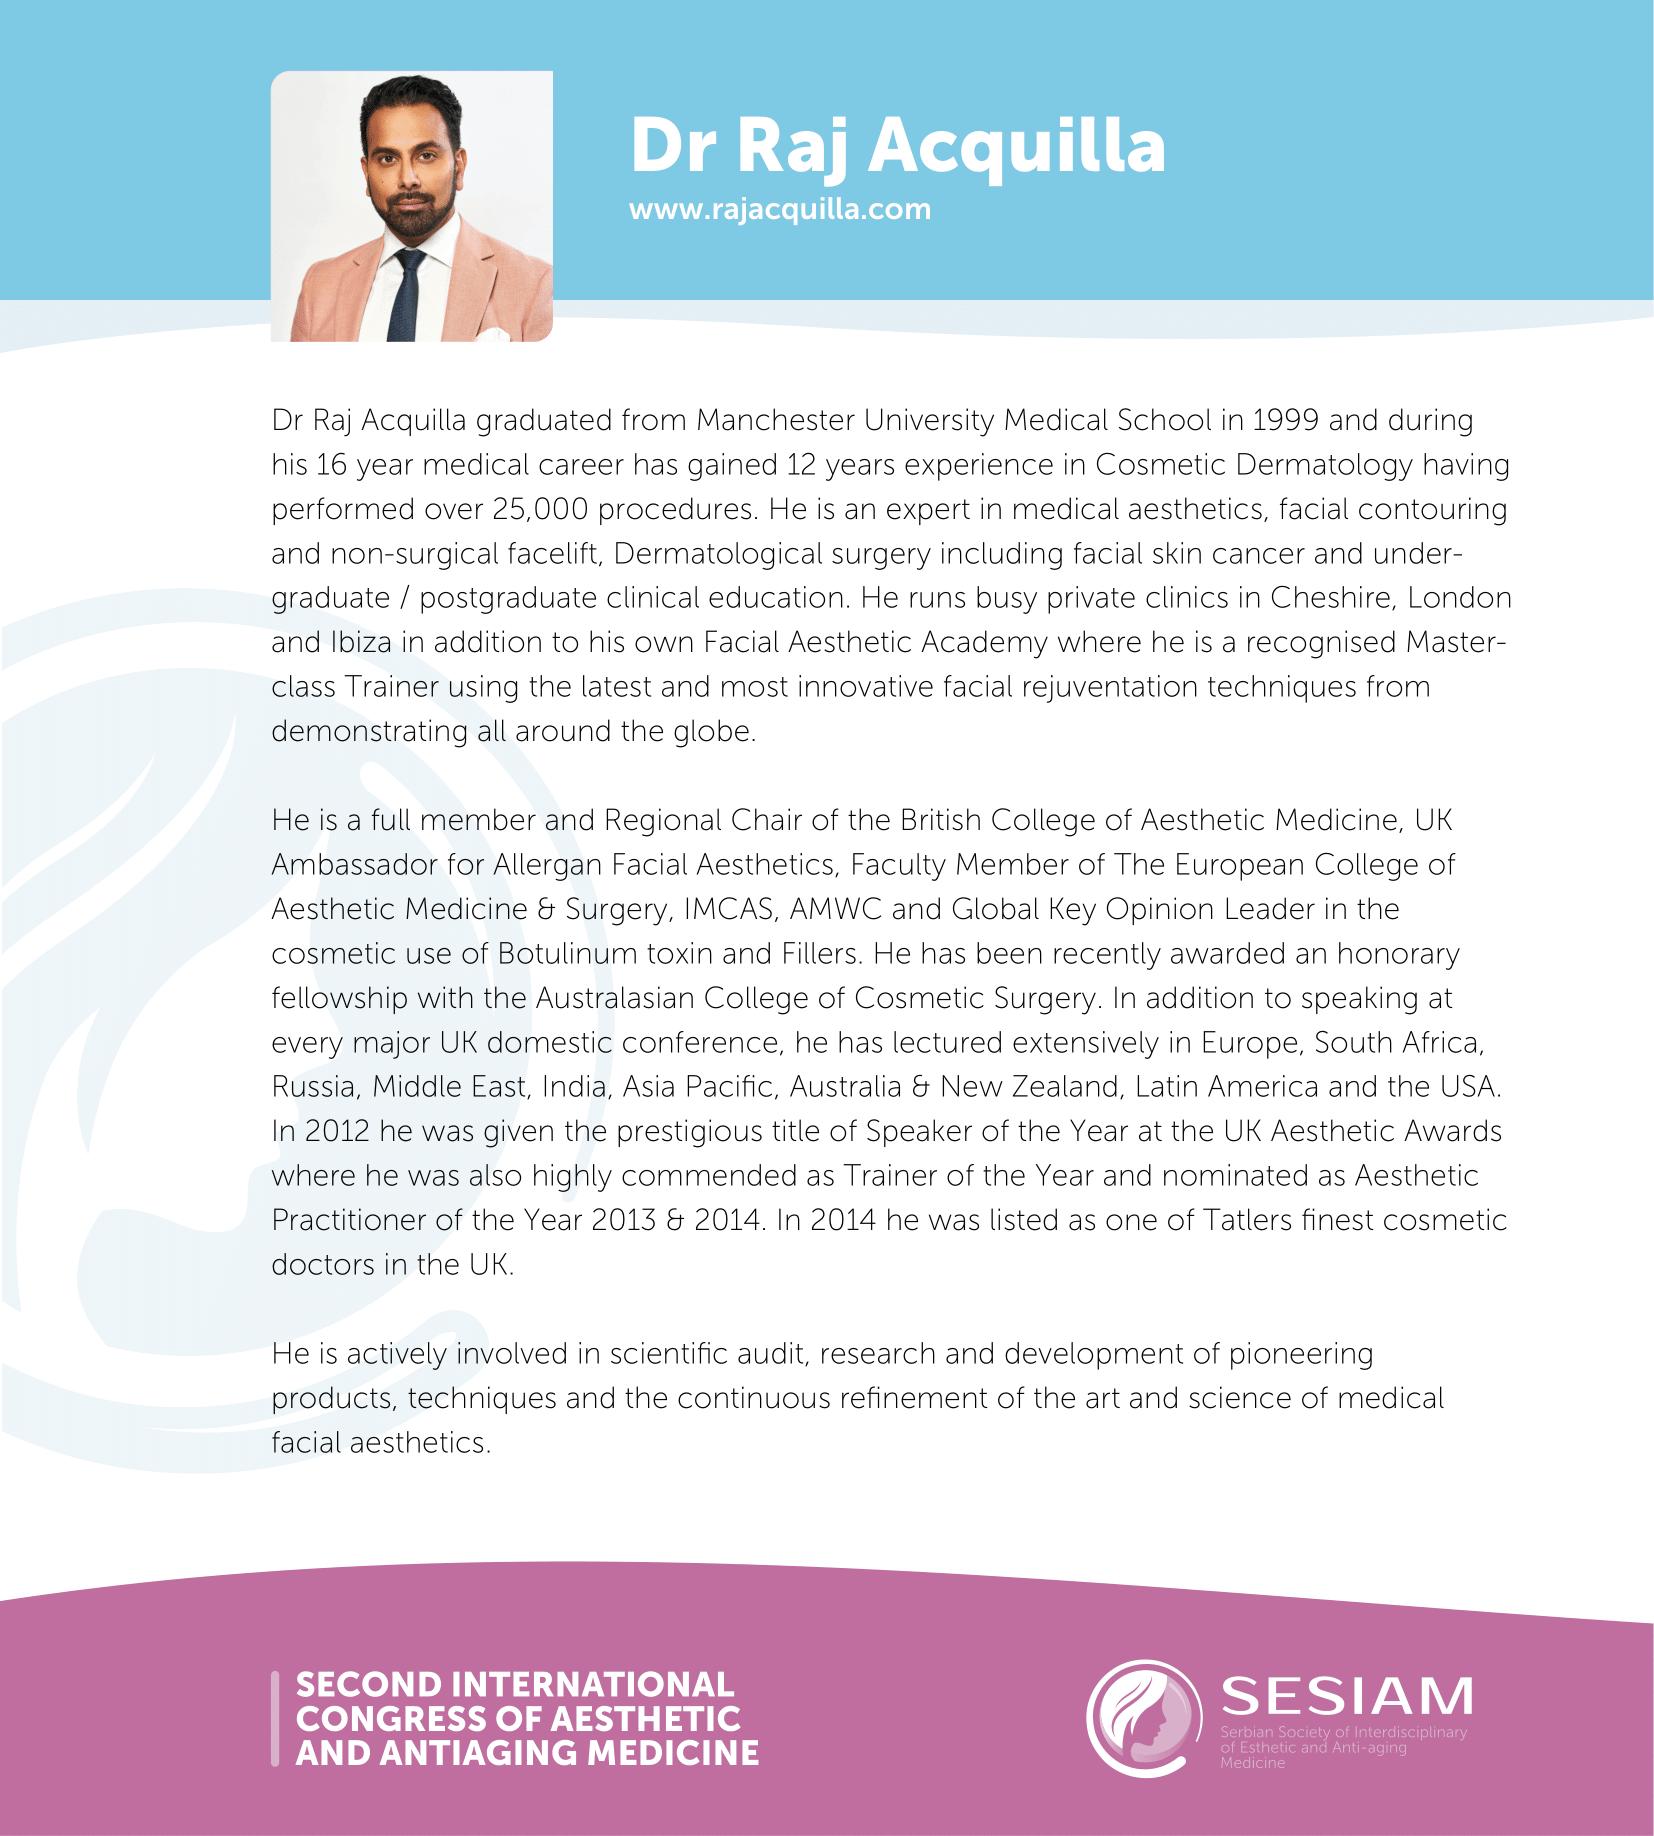 Dr Raj Acquilla